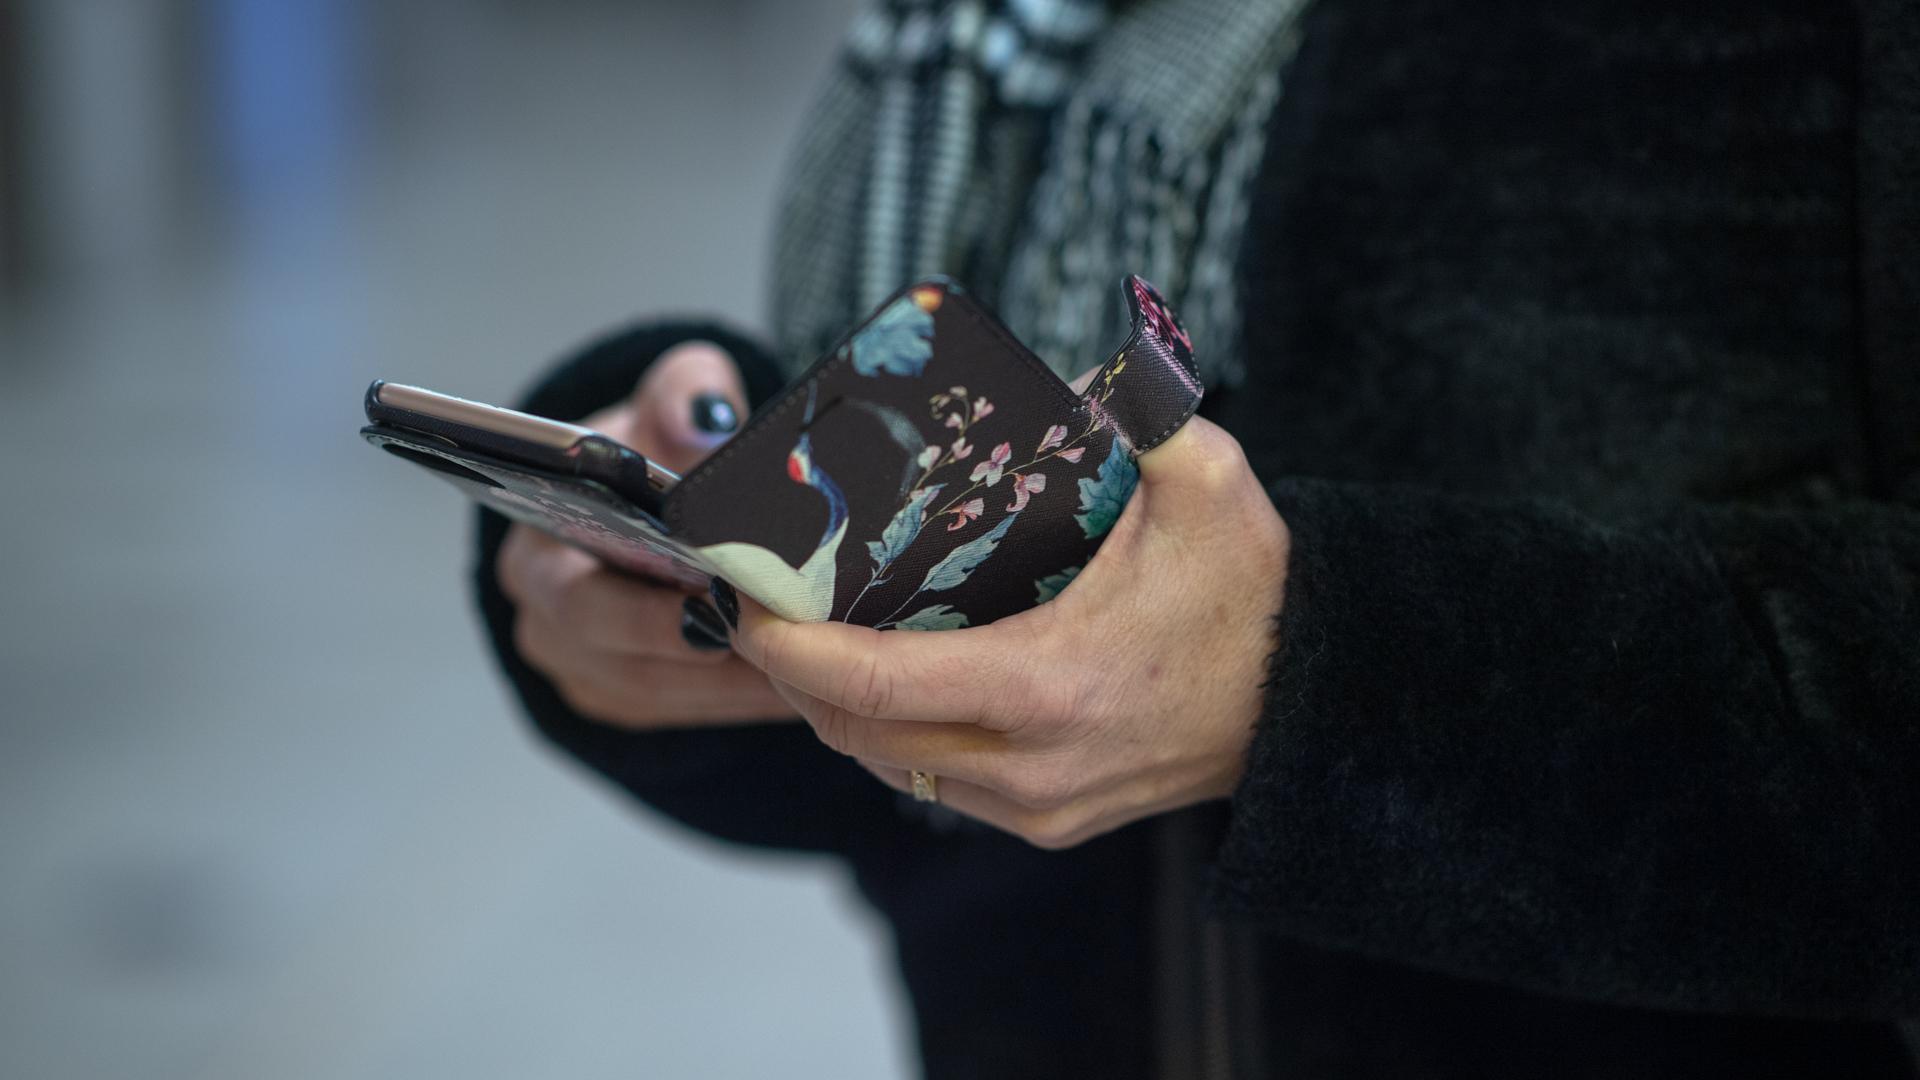 Händer använder mobiltelefon utomhus.